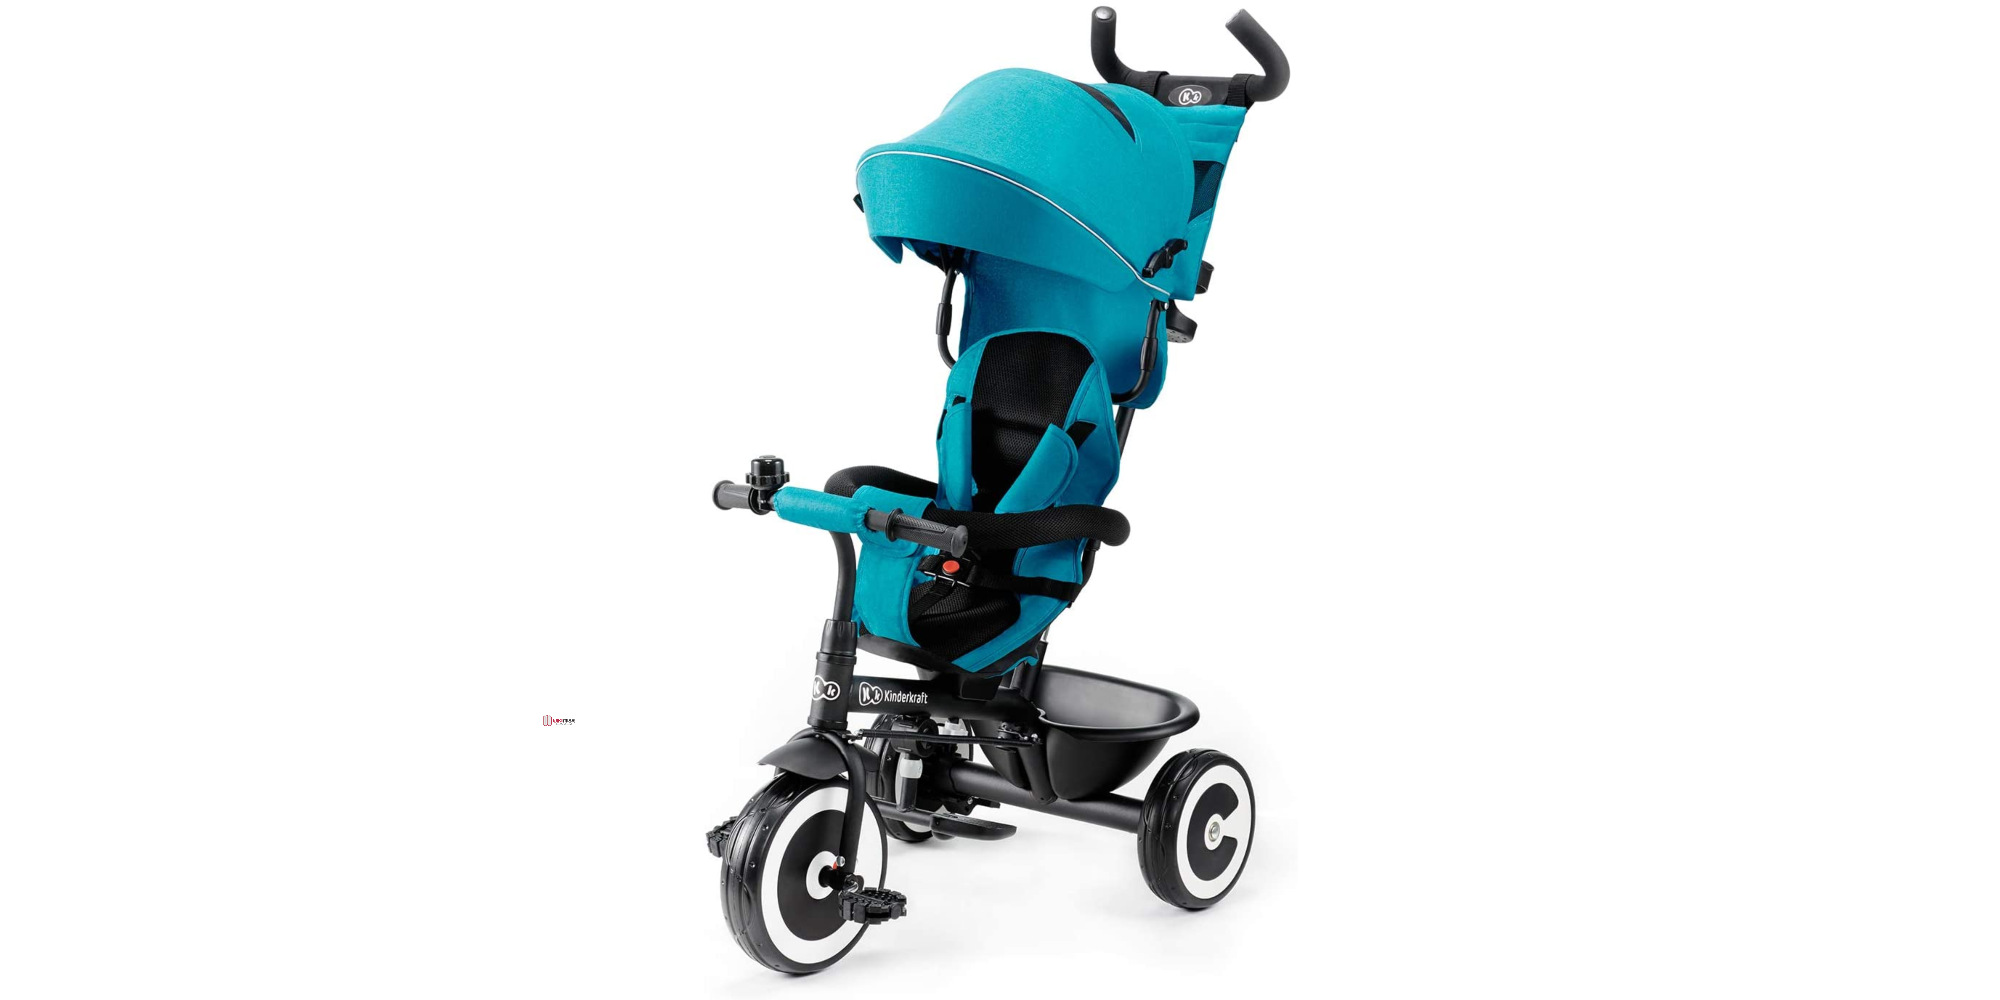 Kinderkraft ASTON - أفضل دراجة ثلاثية العجلات